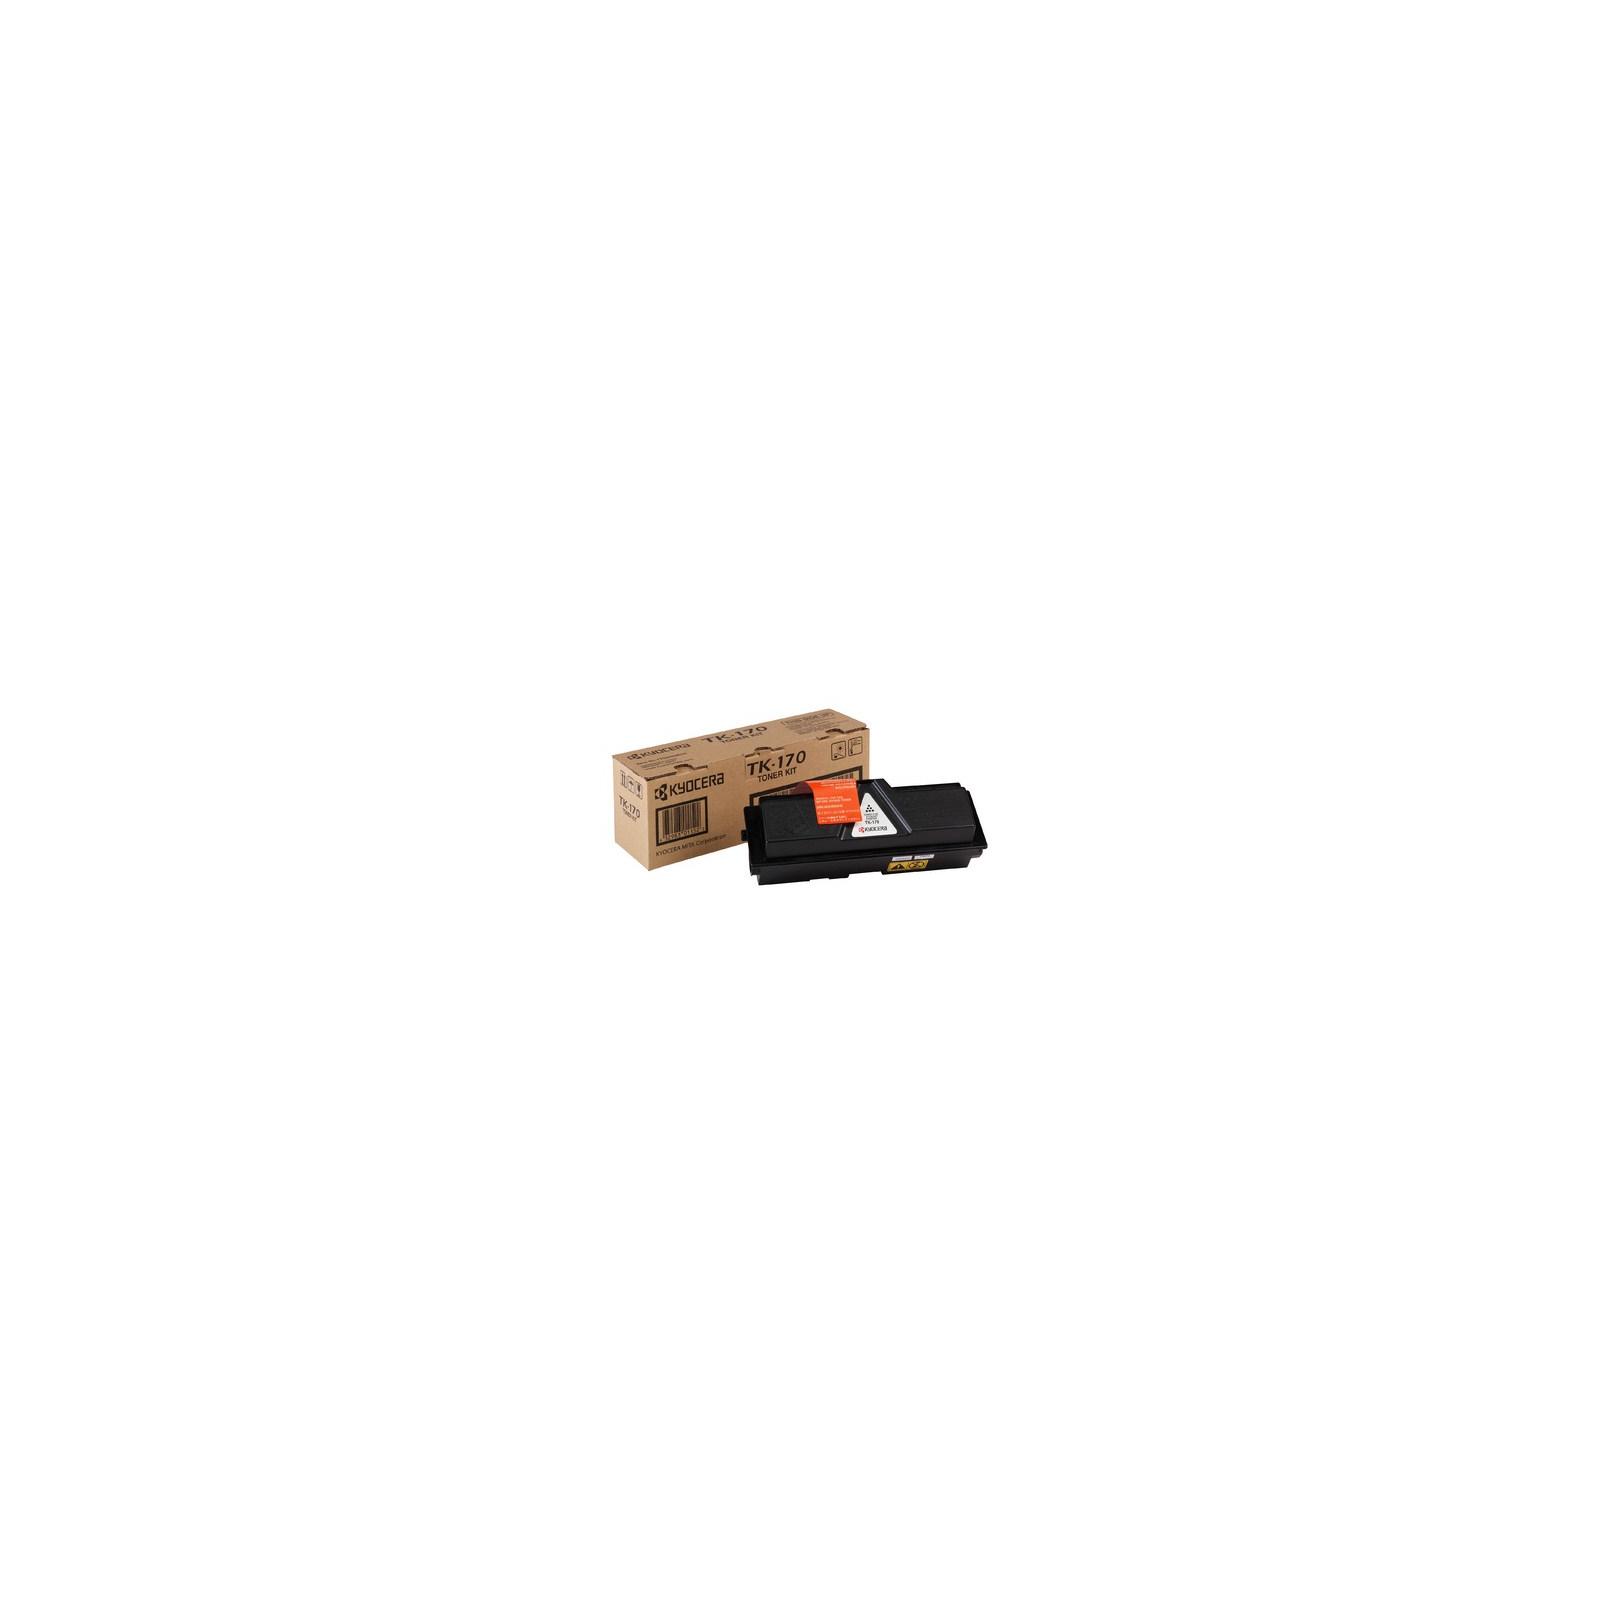 Тонер Kyocera TK-170 (Для FS-1320) 7.2К Integral (1400016/ 12100054)